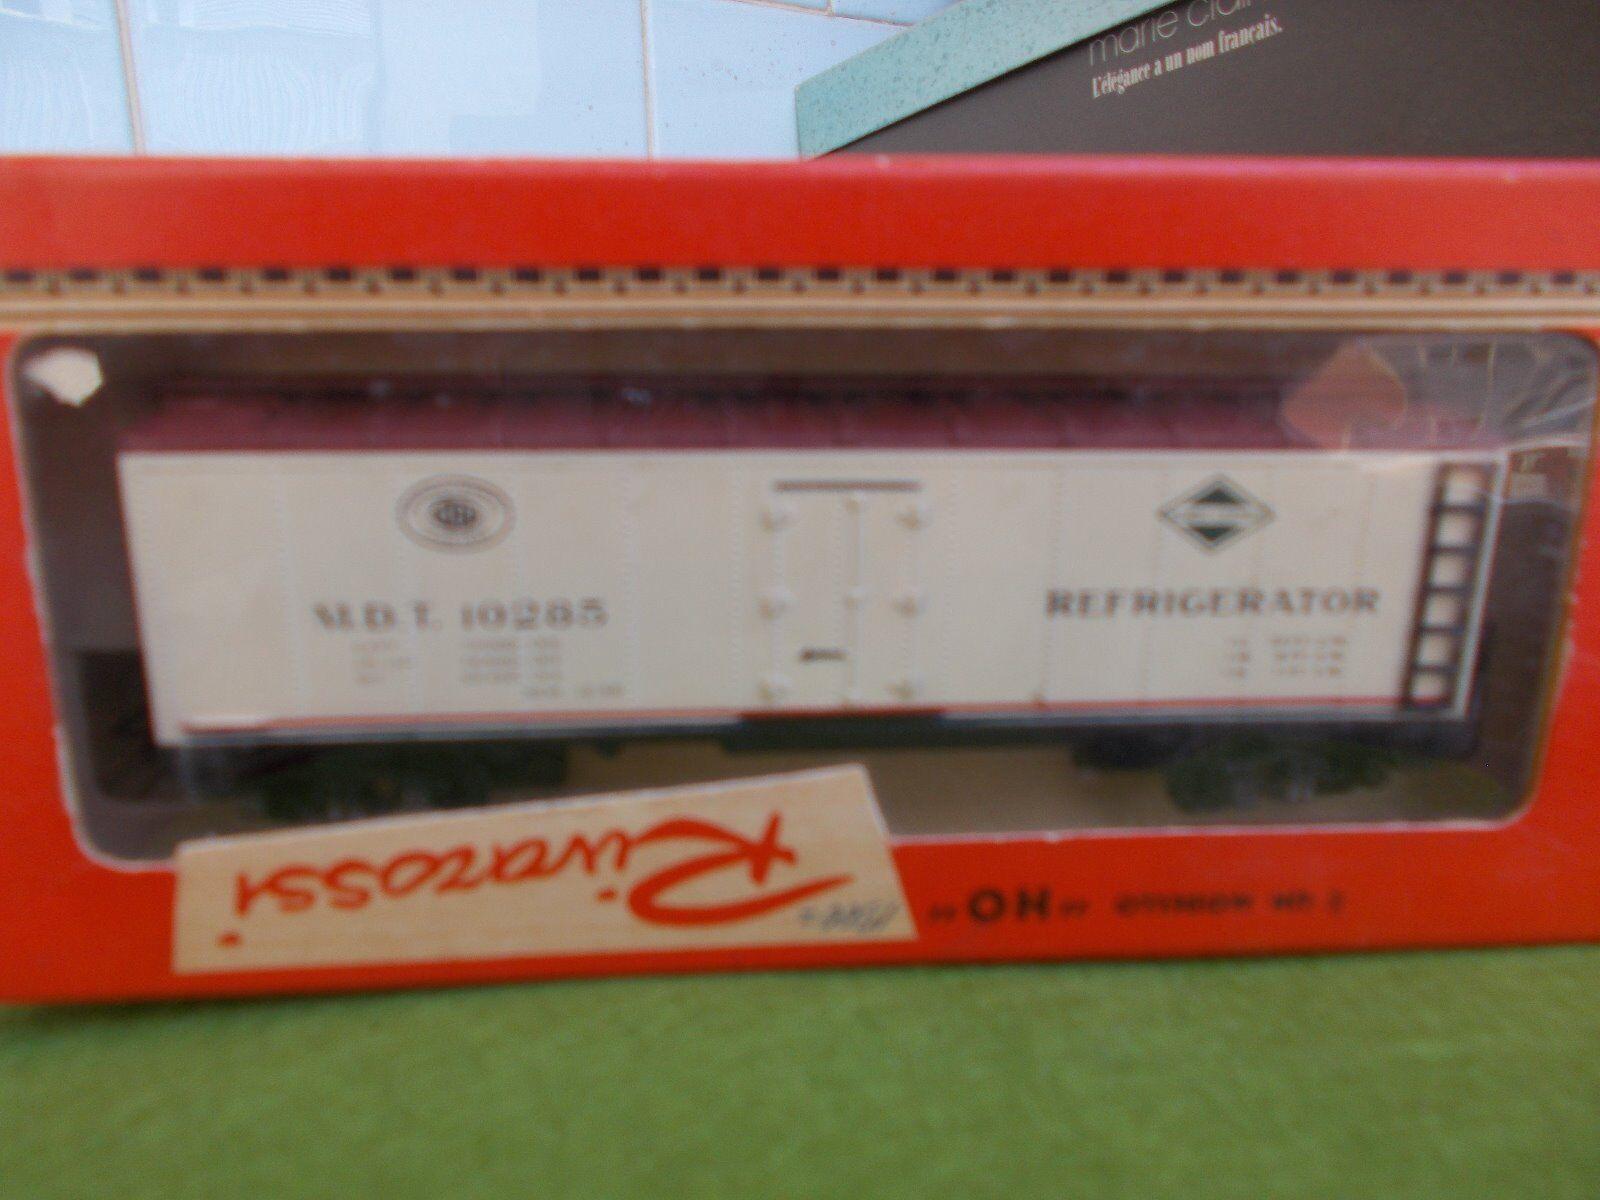 Rivarossi wagon C Reef 4 M.D.T. Refrigerator